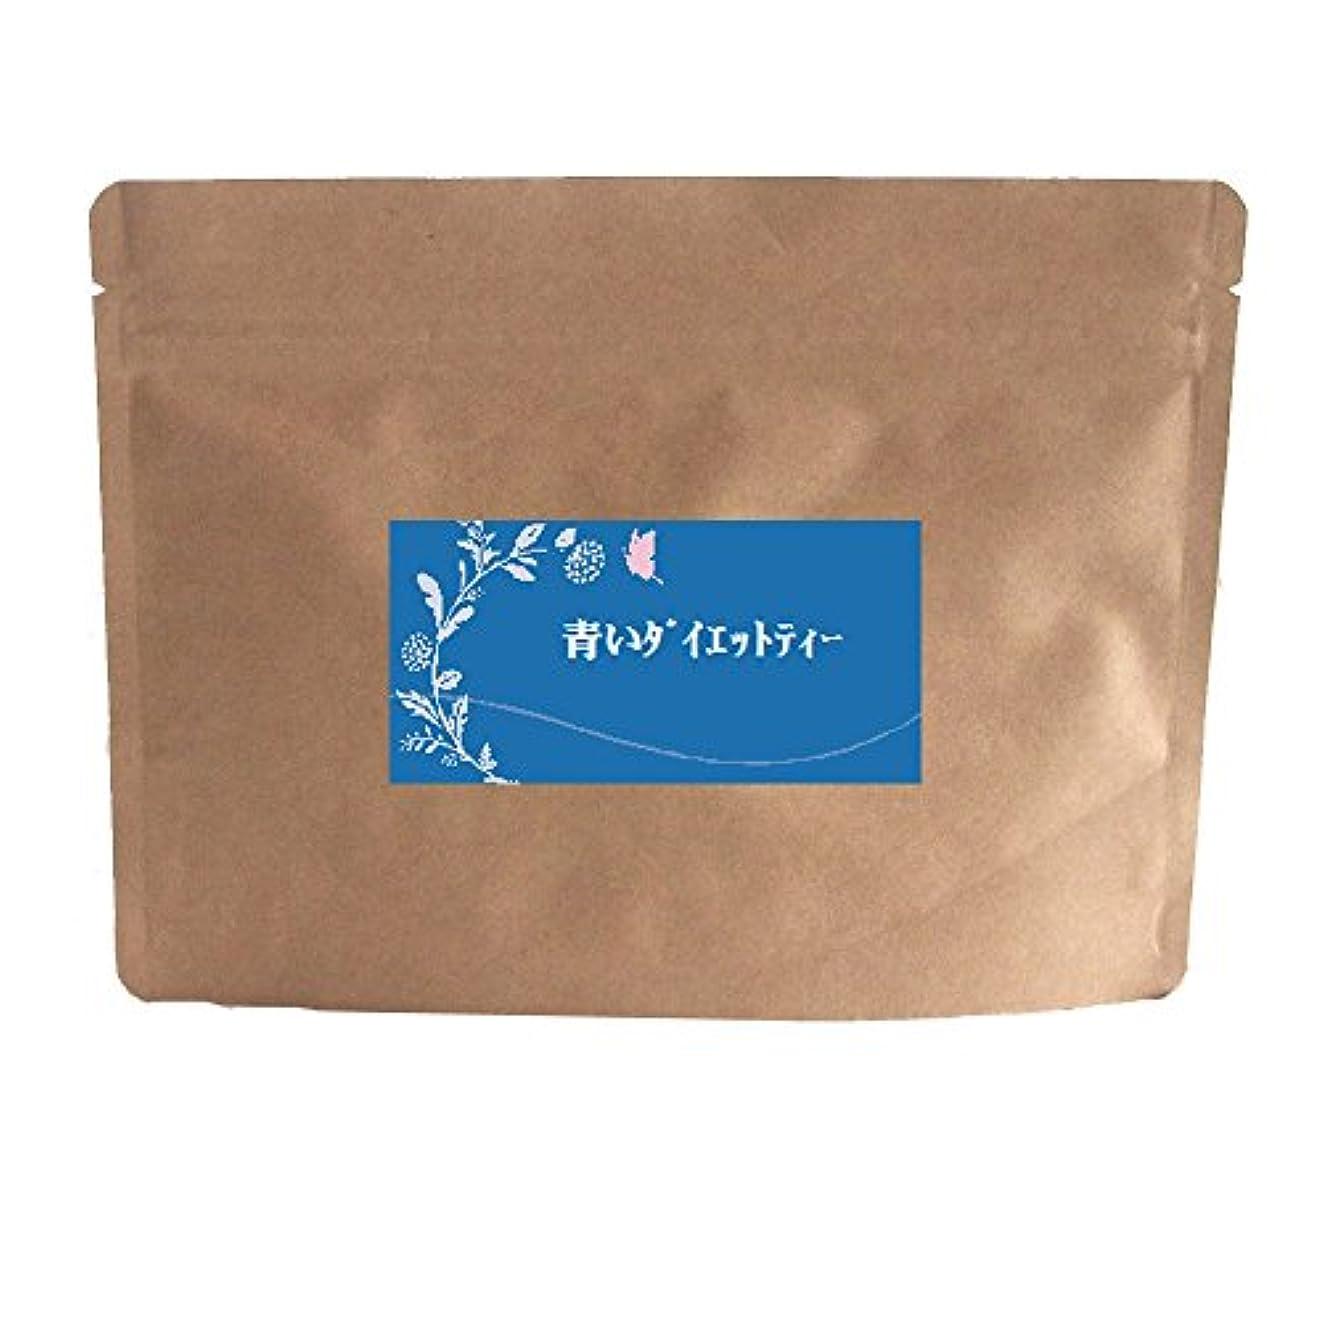 宴会セッティングアピール青いダイエットティー156g バタフライピー 難消化性デキストリン ダイエットドリンク 粉末 パウダー